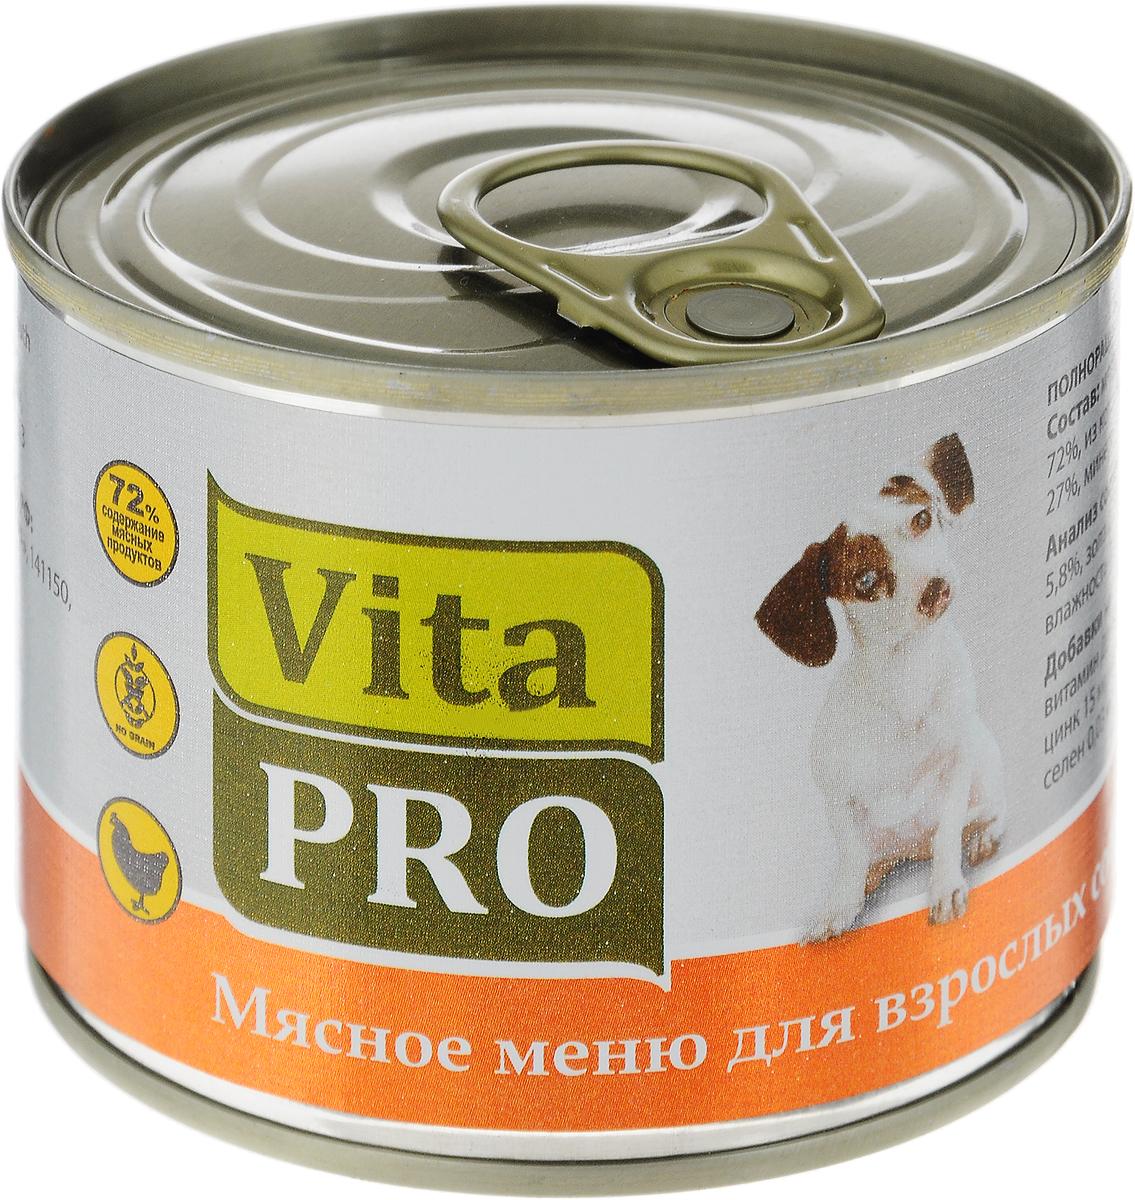 Консервы Vita ProМясное меню для собак, курица, 200 г90003Консервы Vita ProМясное меню - это корм из натурального мяса без овощей и злаков с добавлением кальция для растущего организма. Не содержит искусственных красителей и усилителей вкуса. Имеет крупнофаршевую текстуру.Товар сертифицирован.